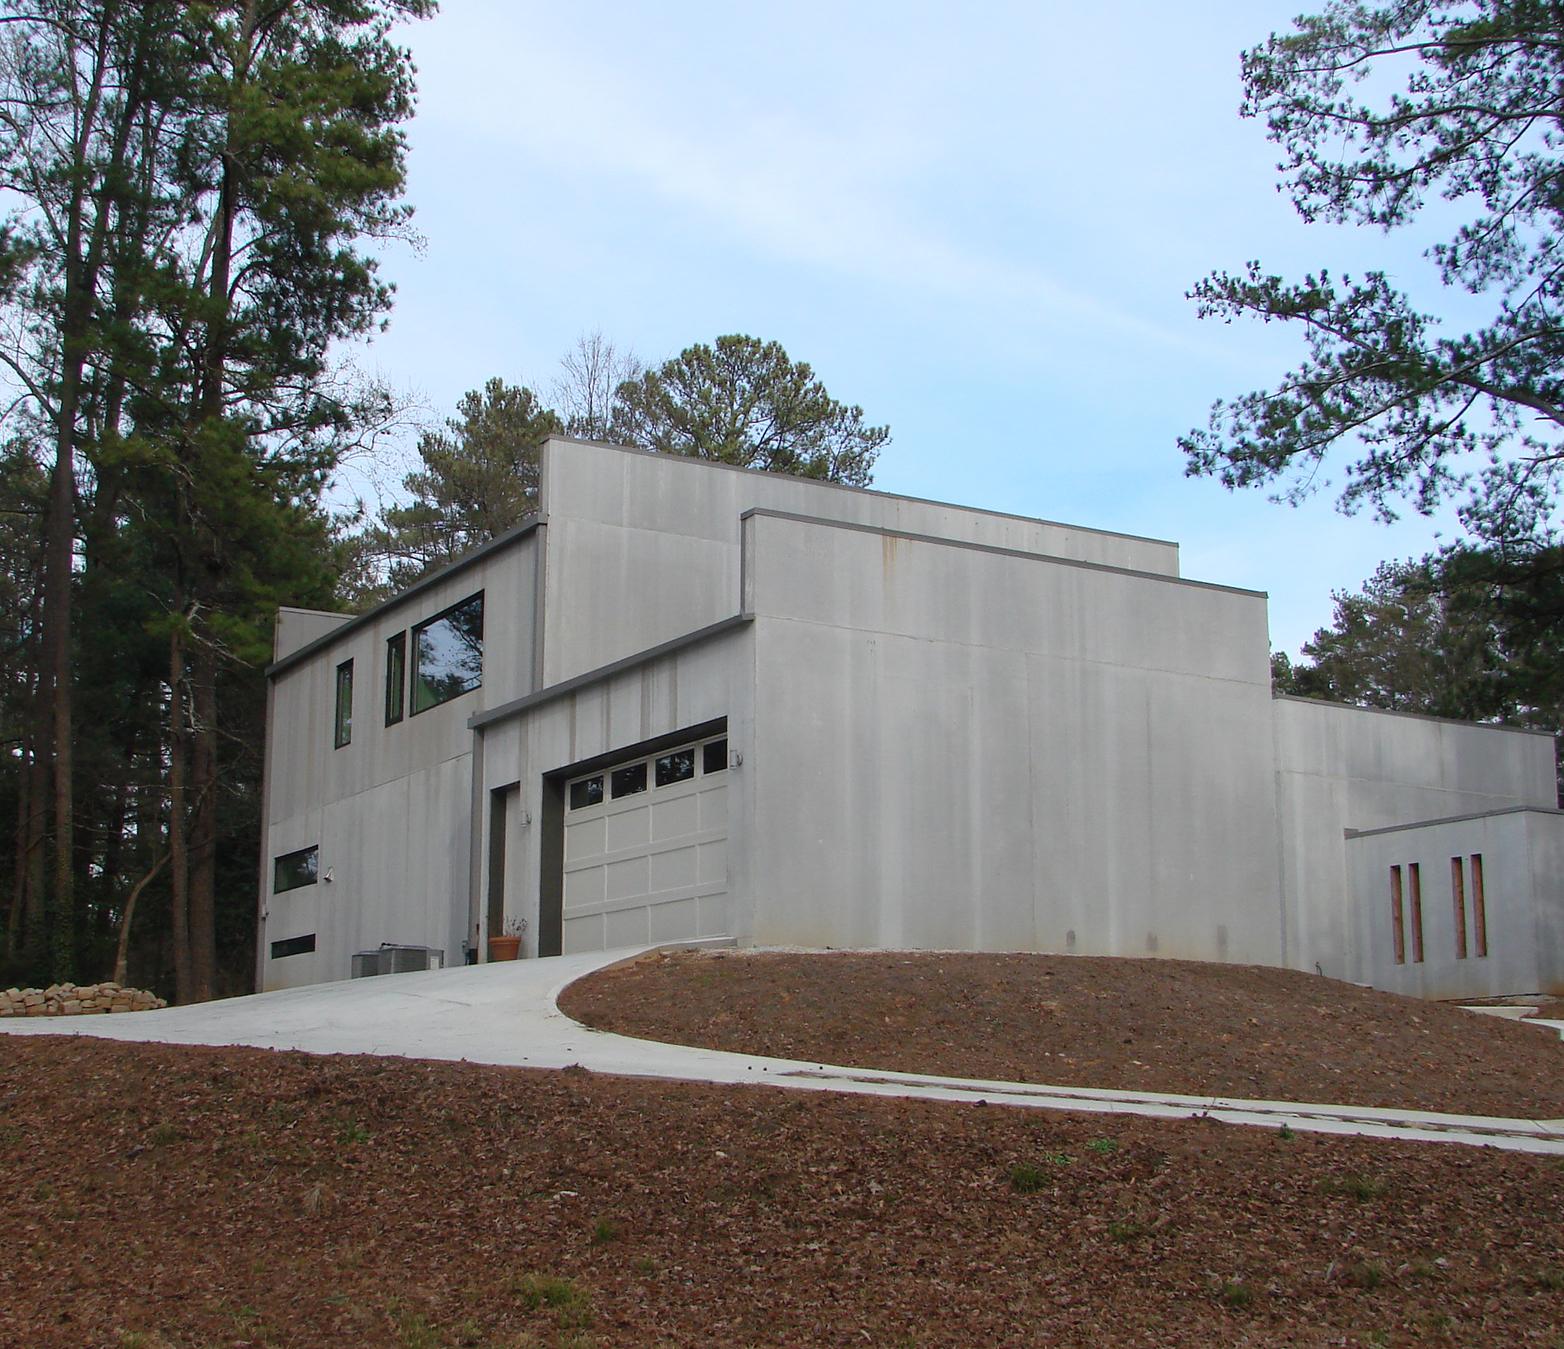 3 bedrm 2459 sq ft concrete block icf design house plan for Concrete block garage plans